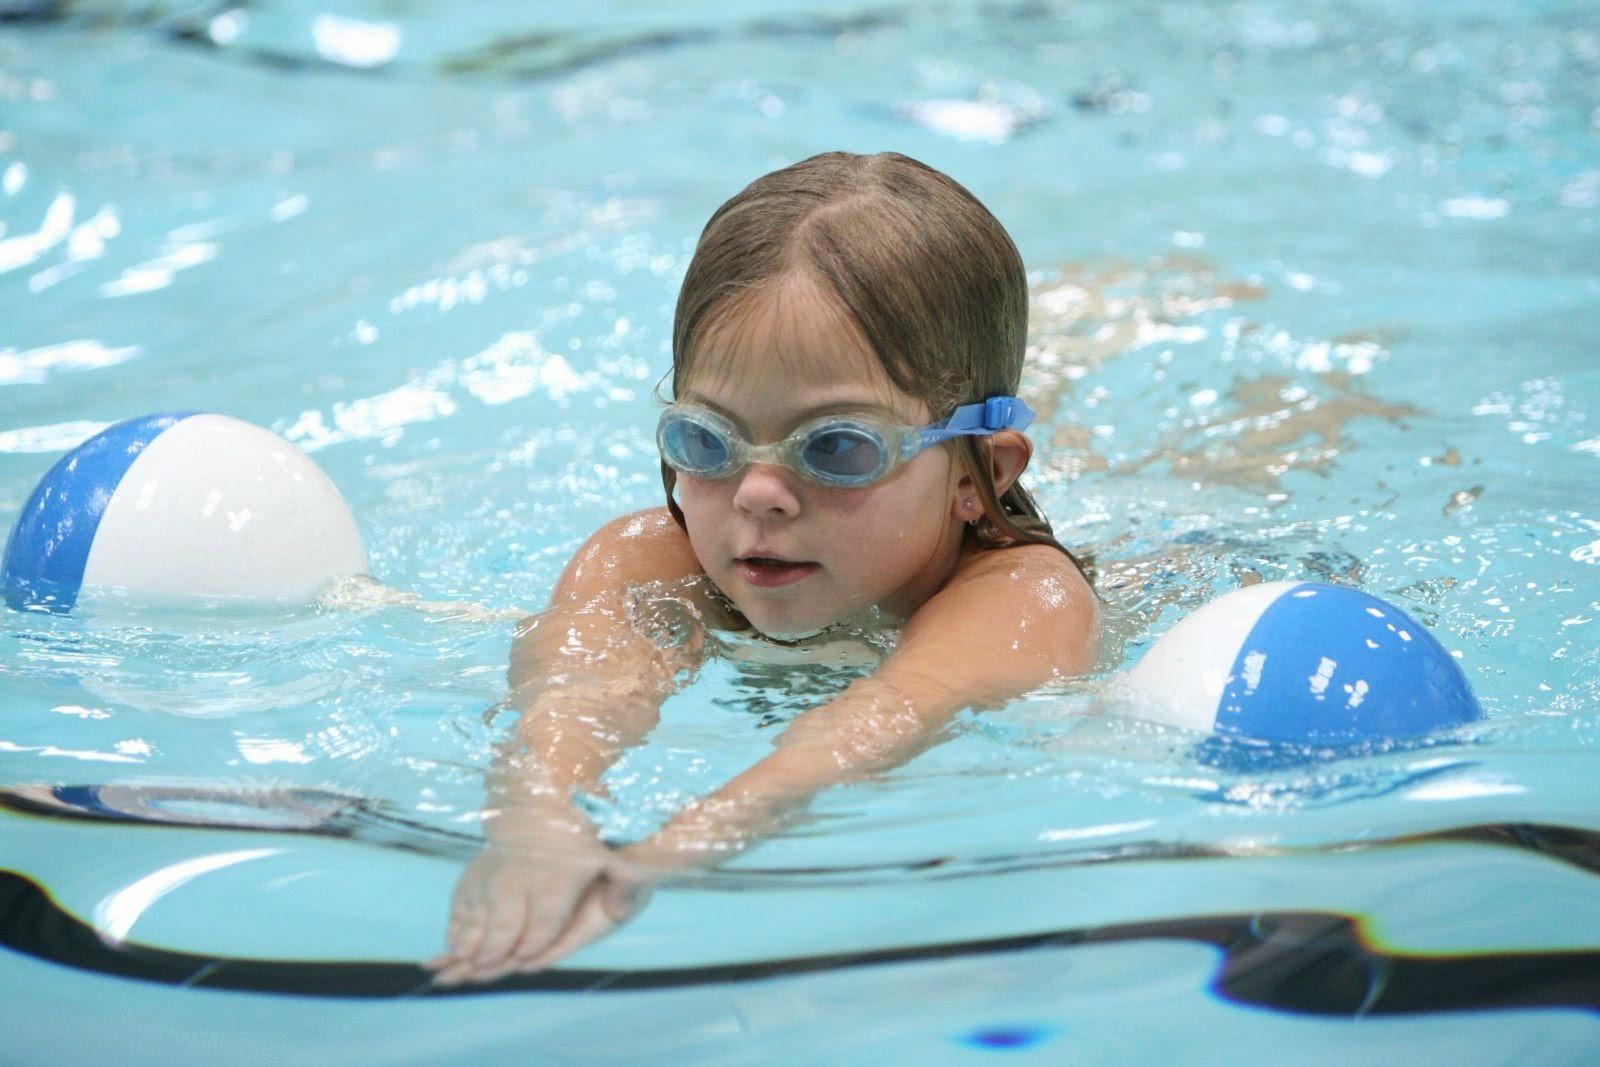 Gặp trẻ đuối nước không chờ đợi ai mà hãy thực hiện ngay các bước này  - Ảnh 1